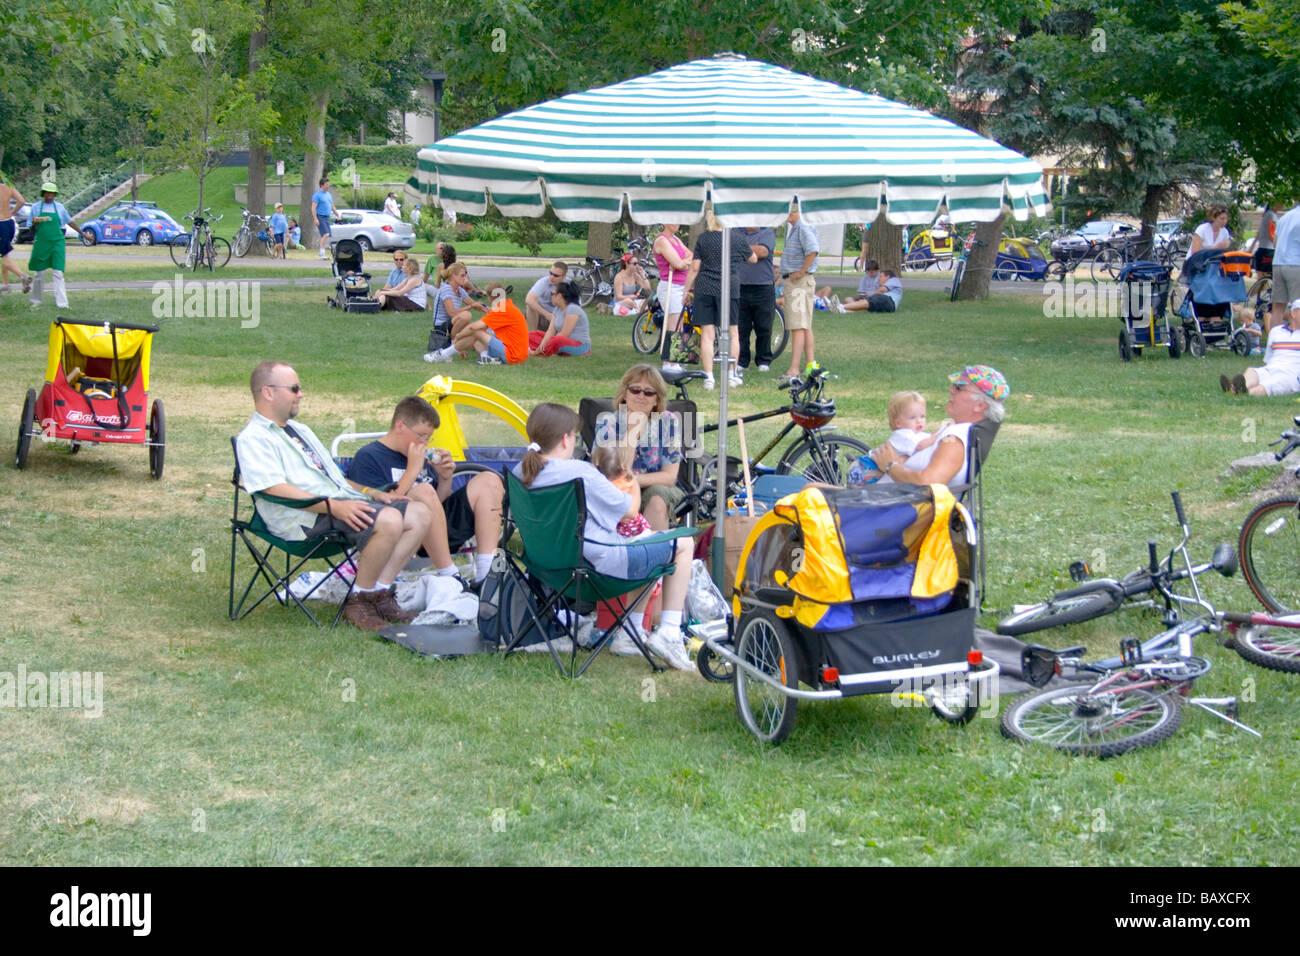 Bénéficiant d''un pique-nique familial moderne sous égide voyager en vélo. Aquatennial Photo Stock